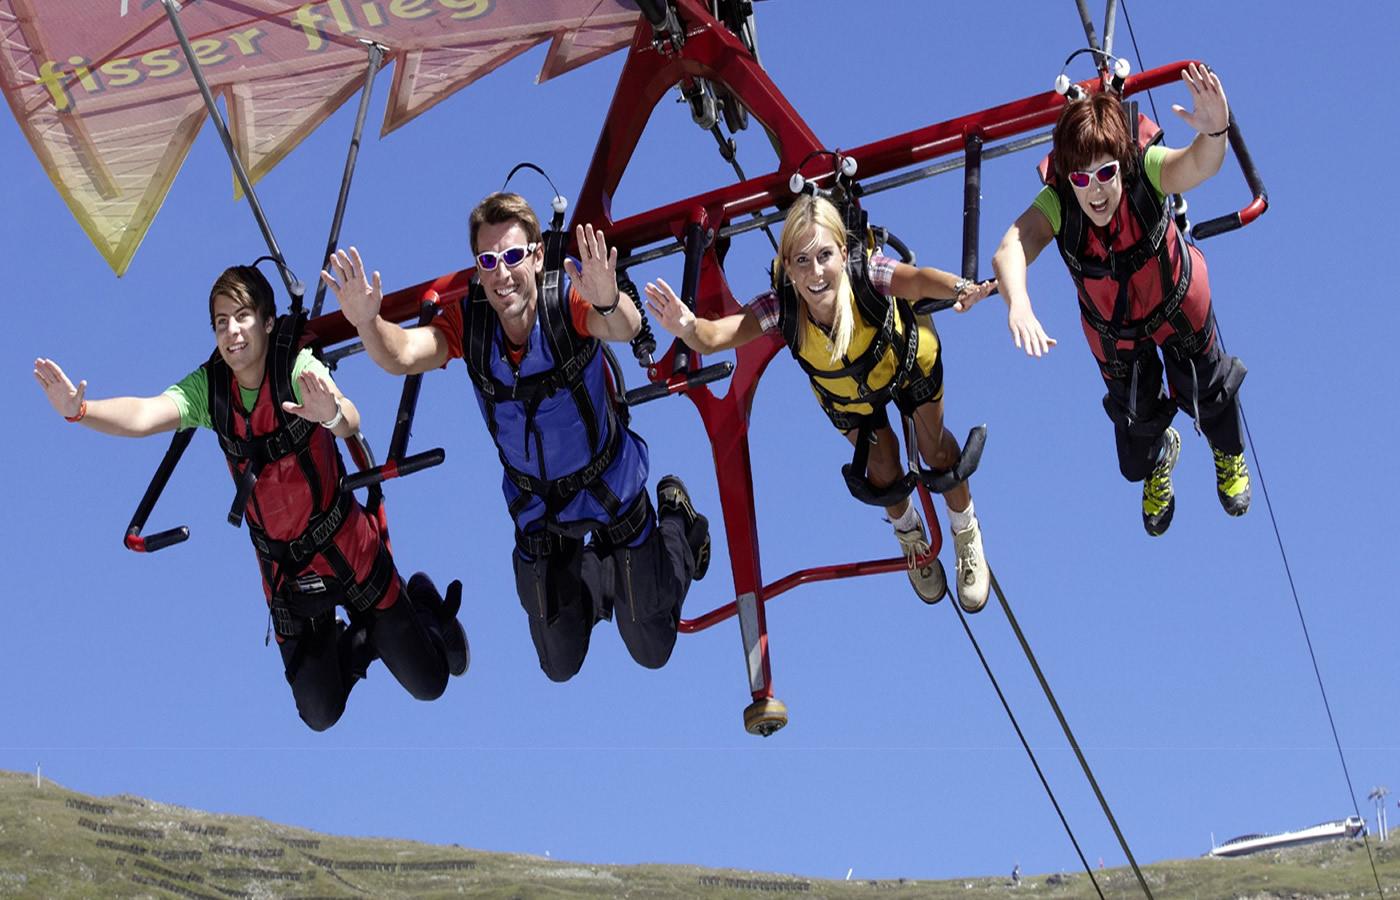 Der Fisser Flieger im Sommer-Funpark i Fiss, Tirol.